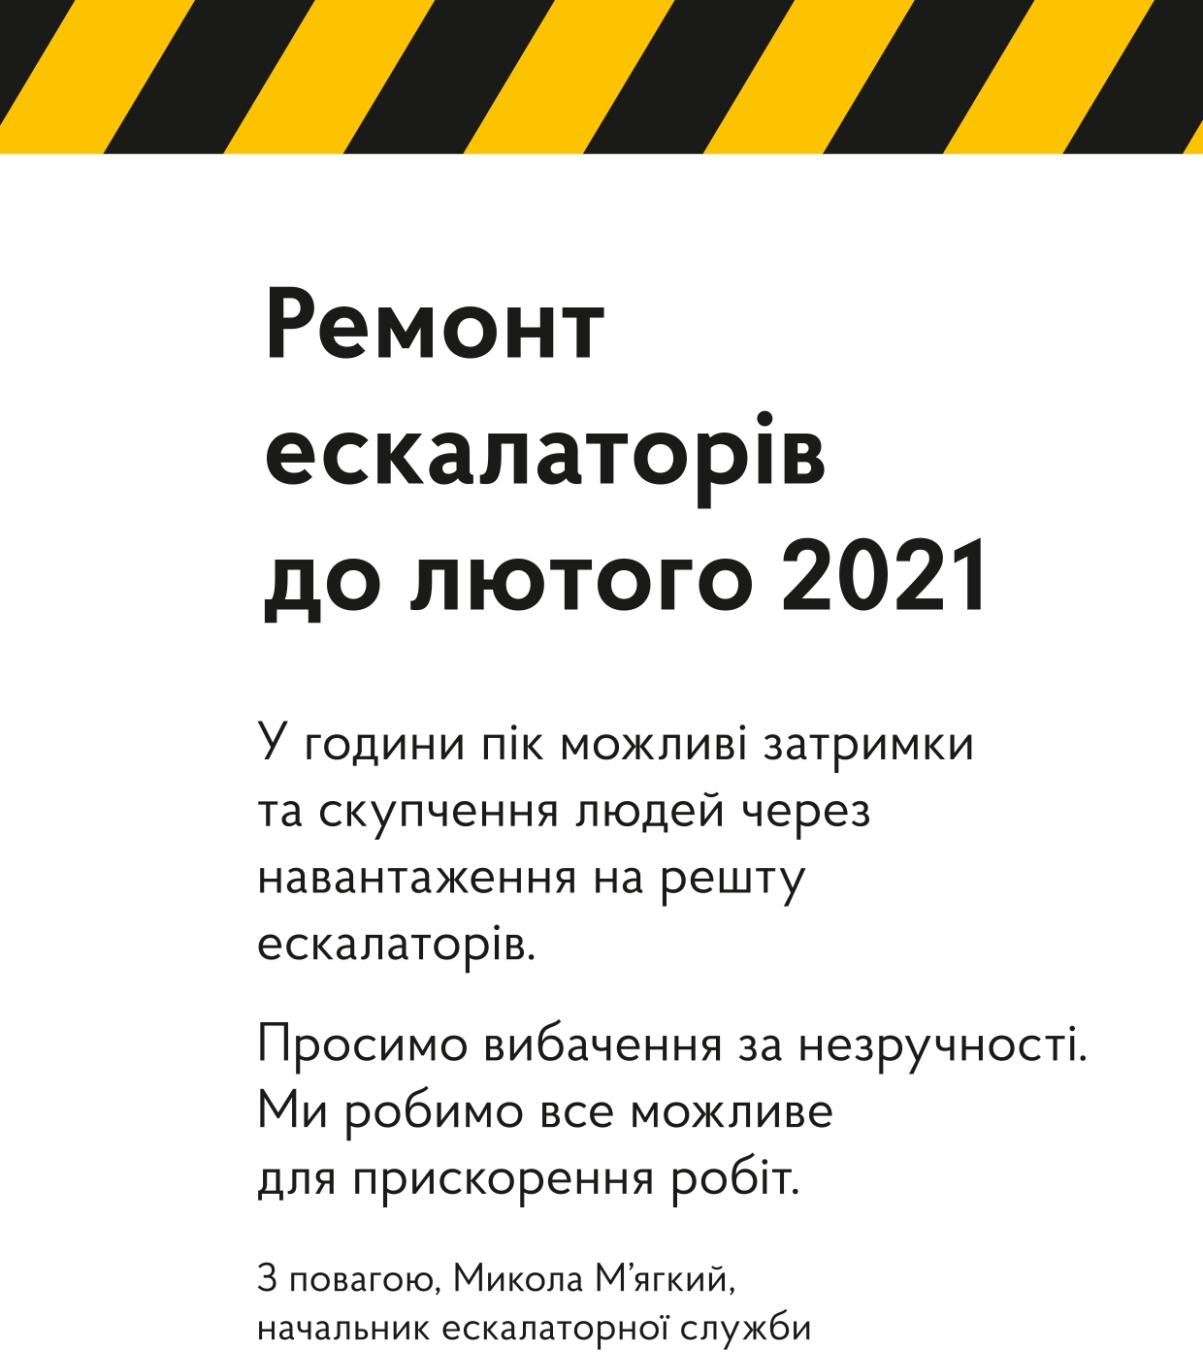 Сообщение от Киевского метрополитена